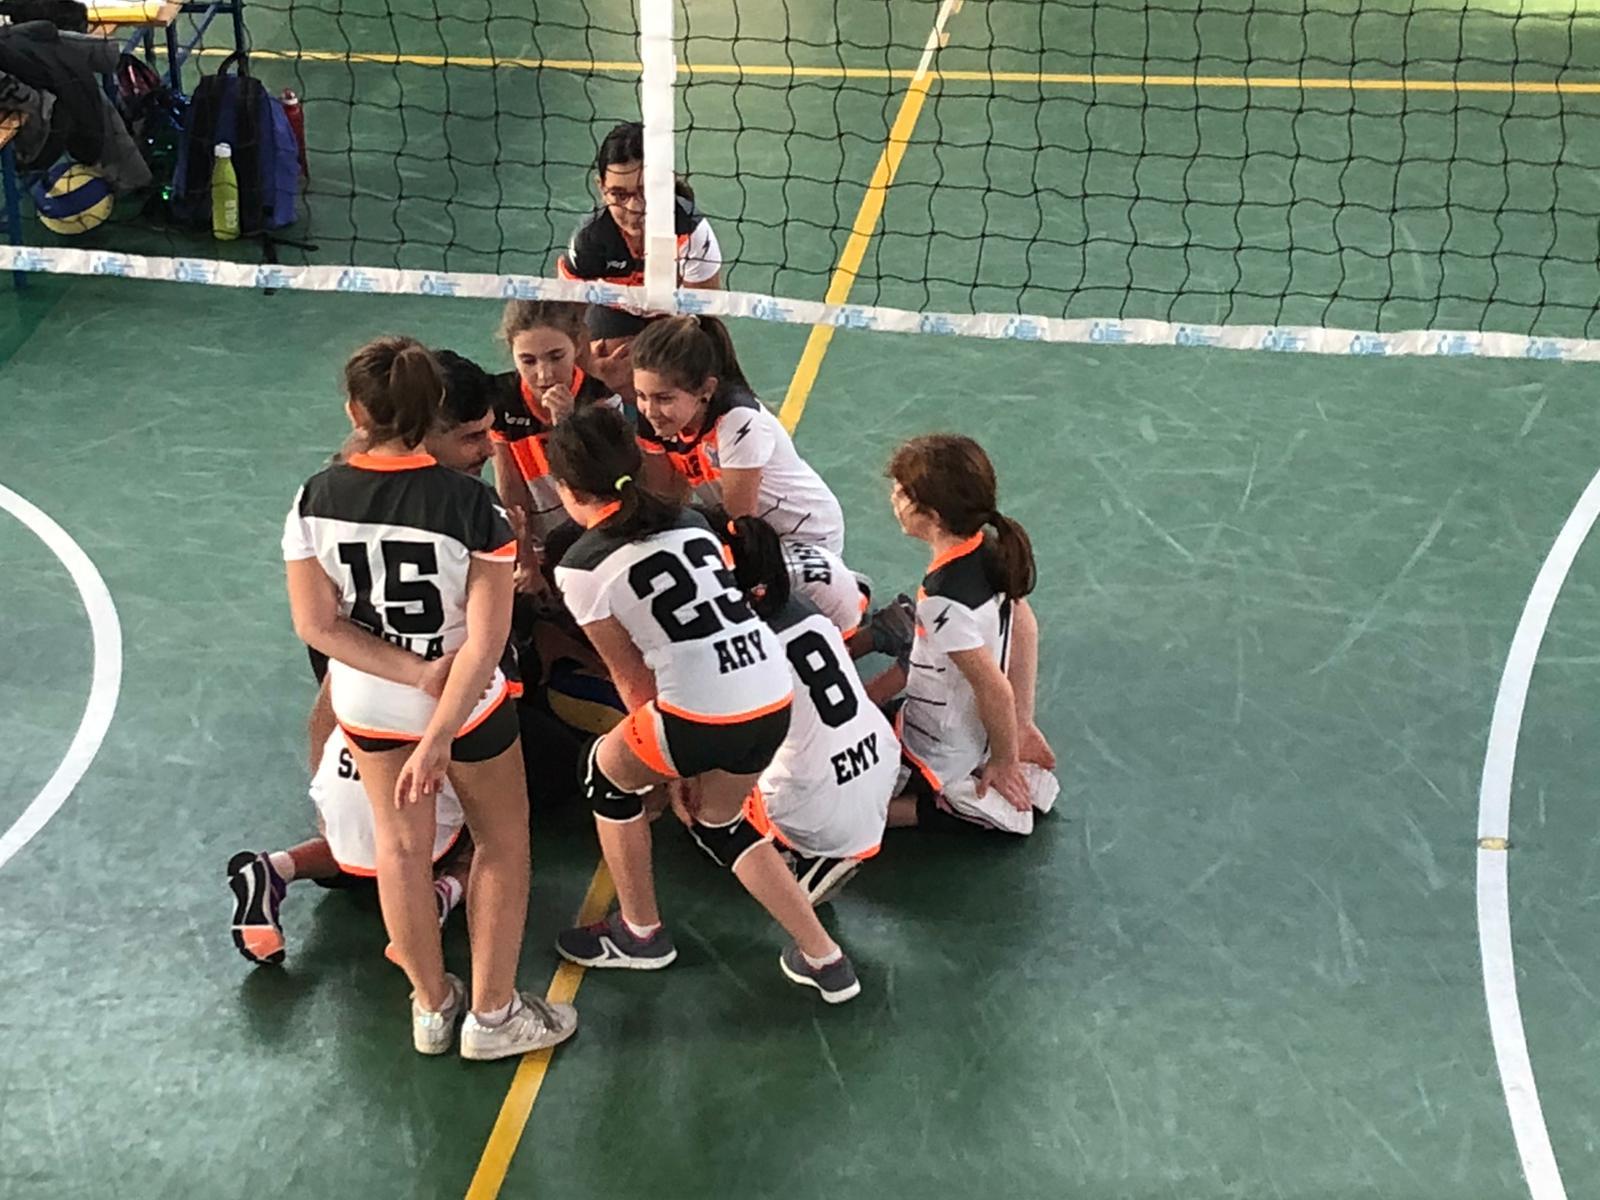 Under 11 Femminile, prosegue la prima fase del campionato